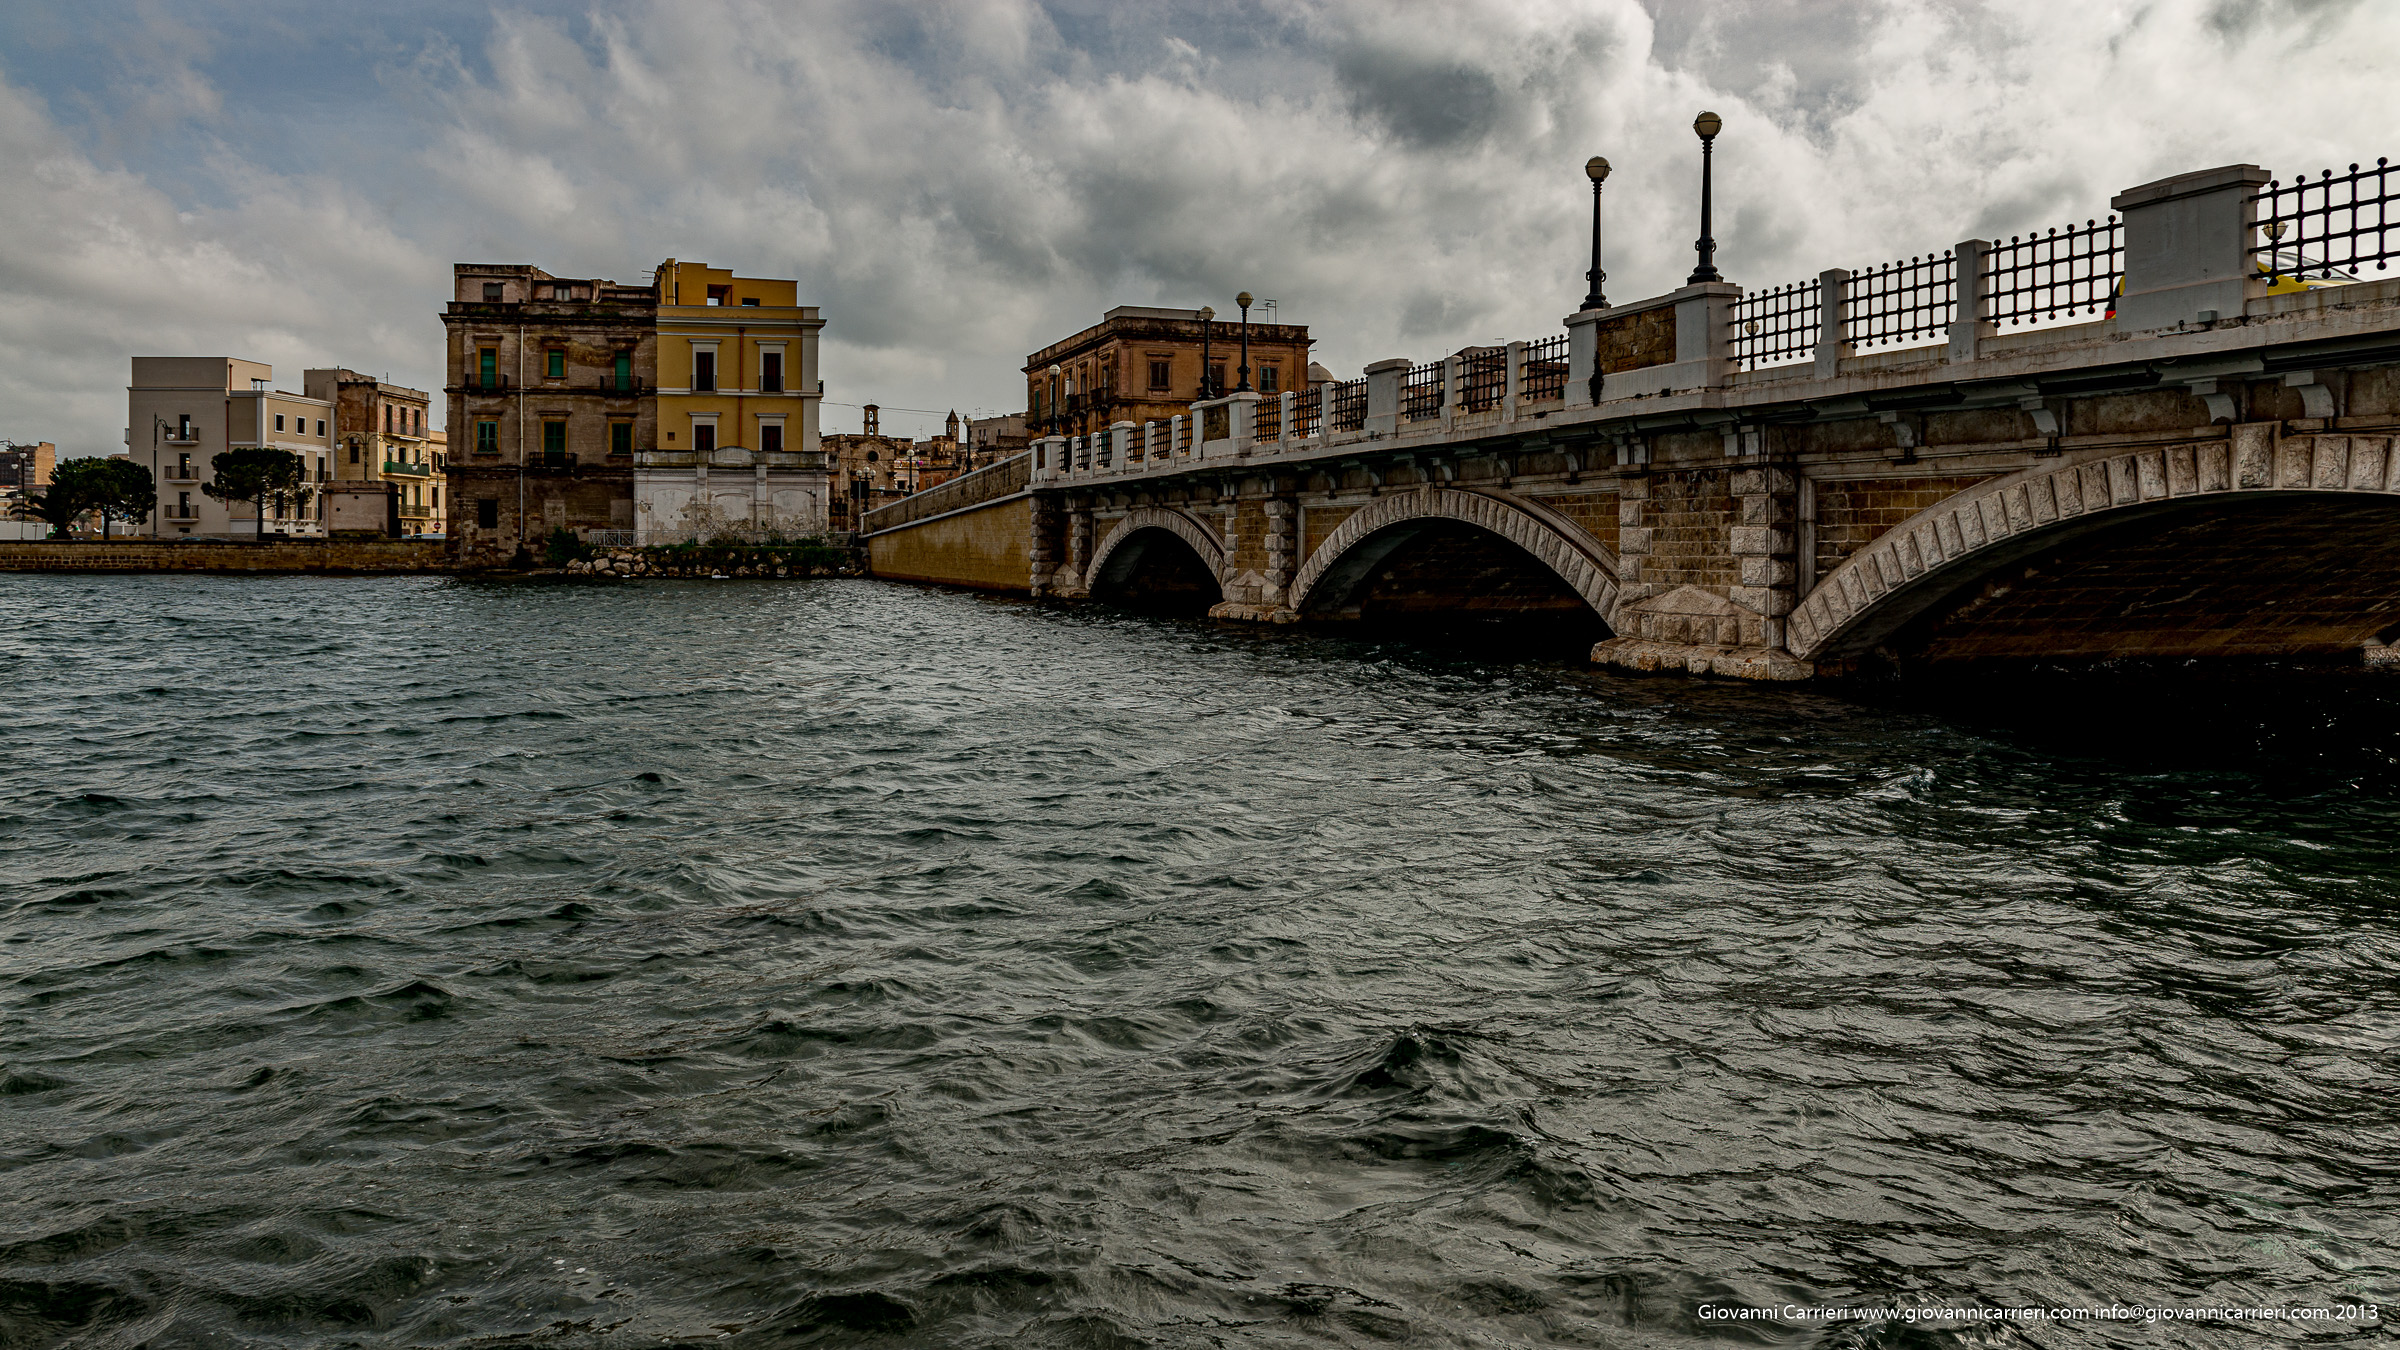 Il ponte di pietra, o ponte porta napoli o Ponte di Sant'Egidio